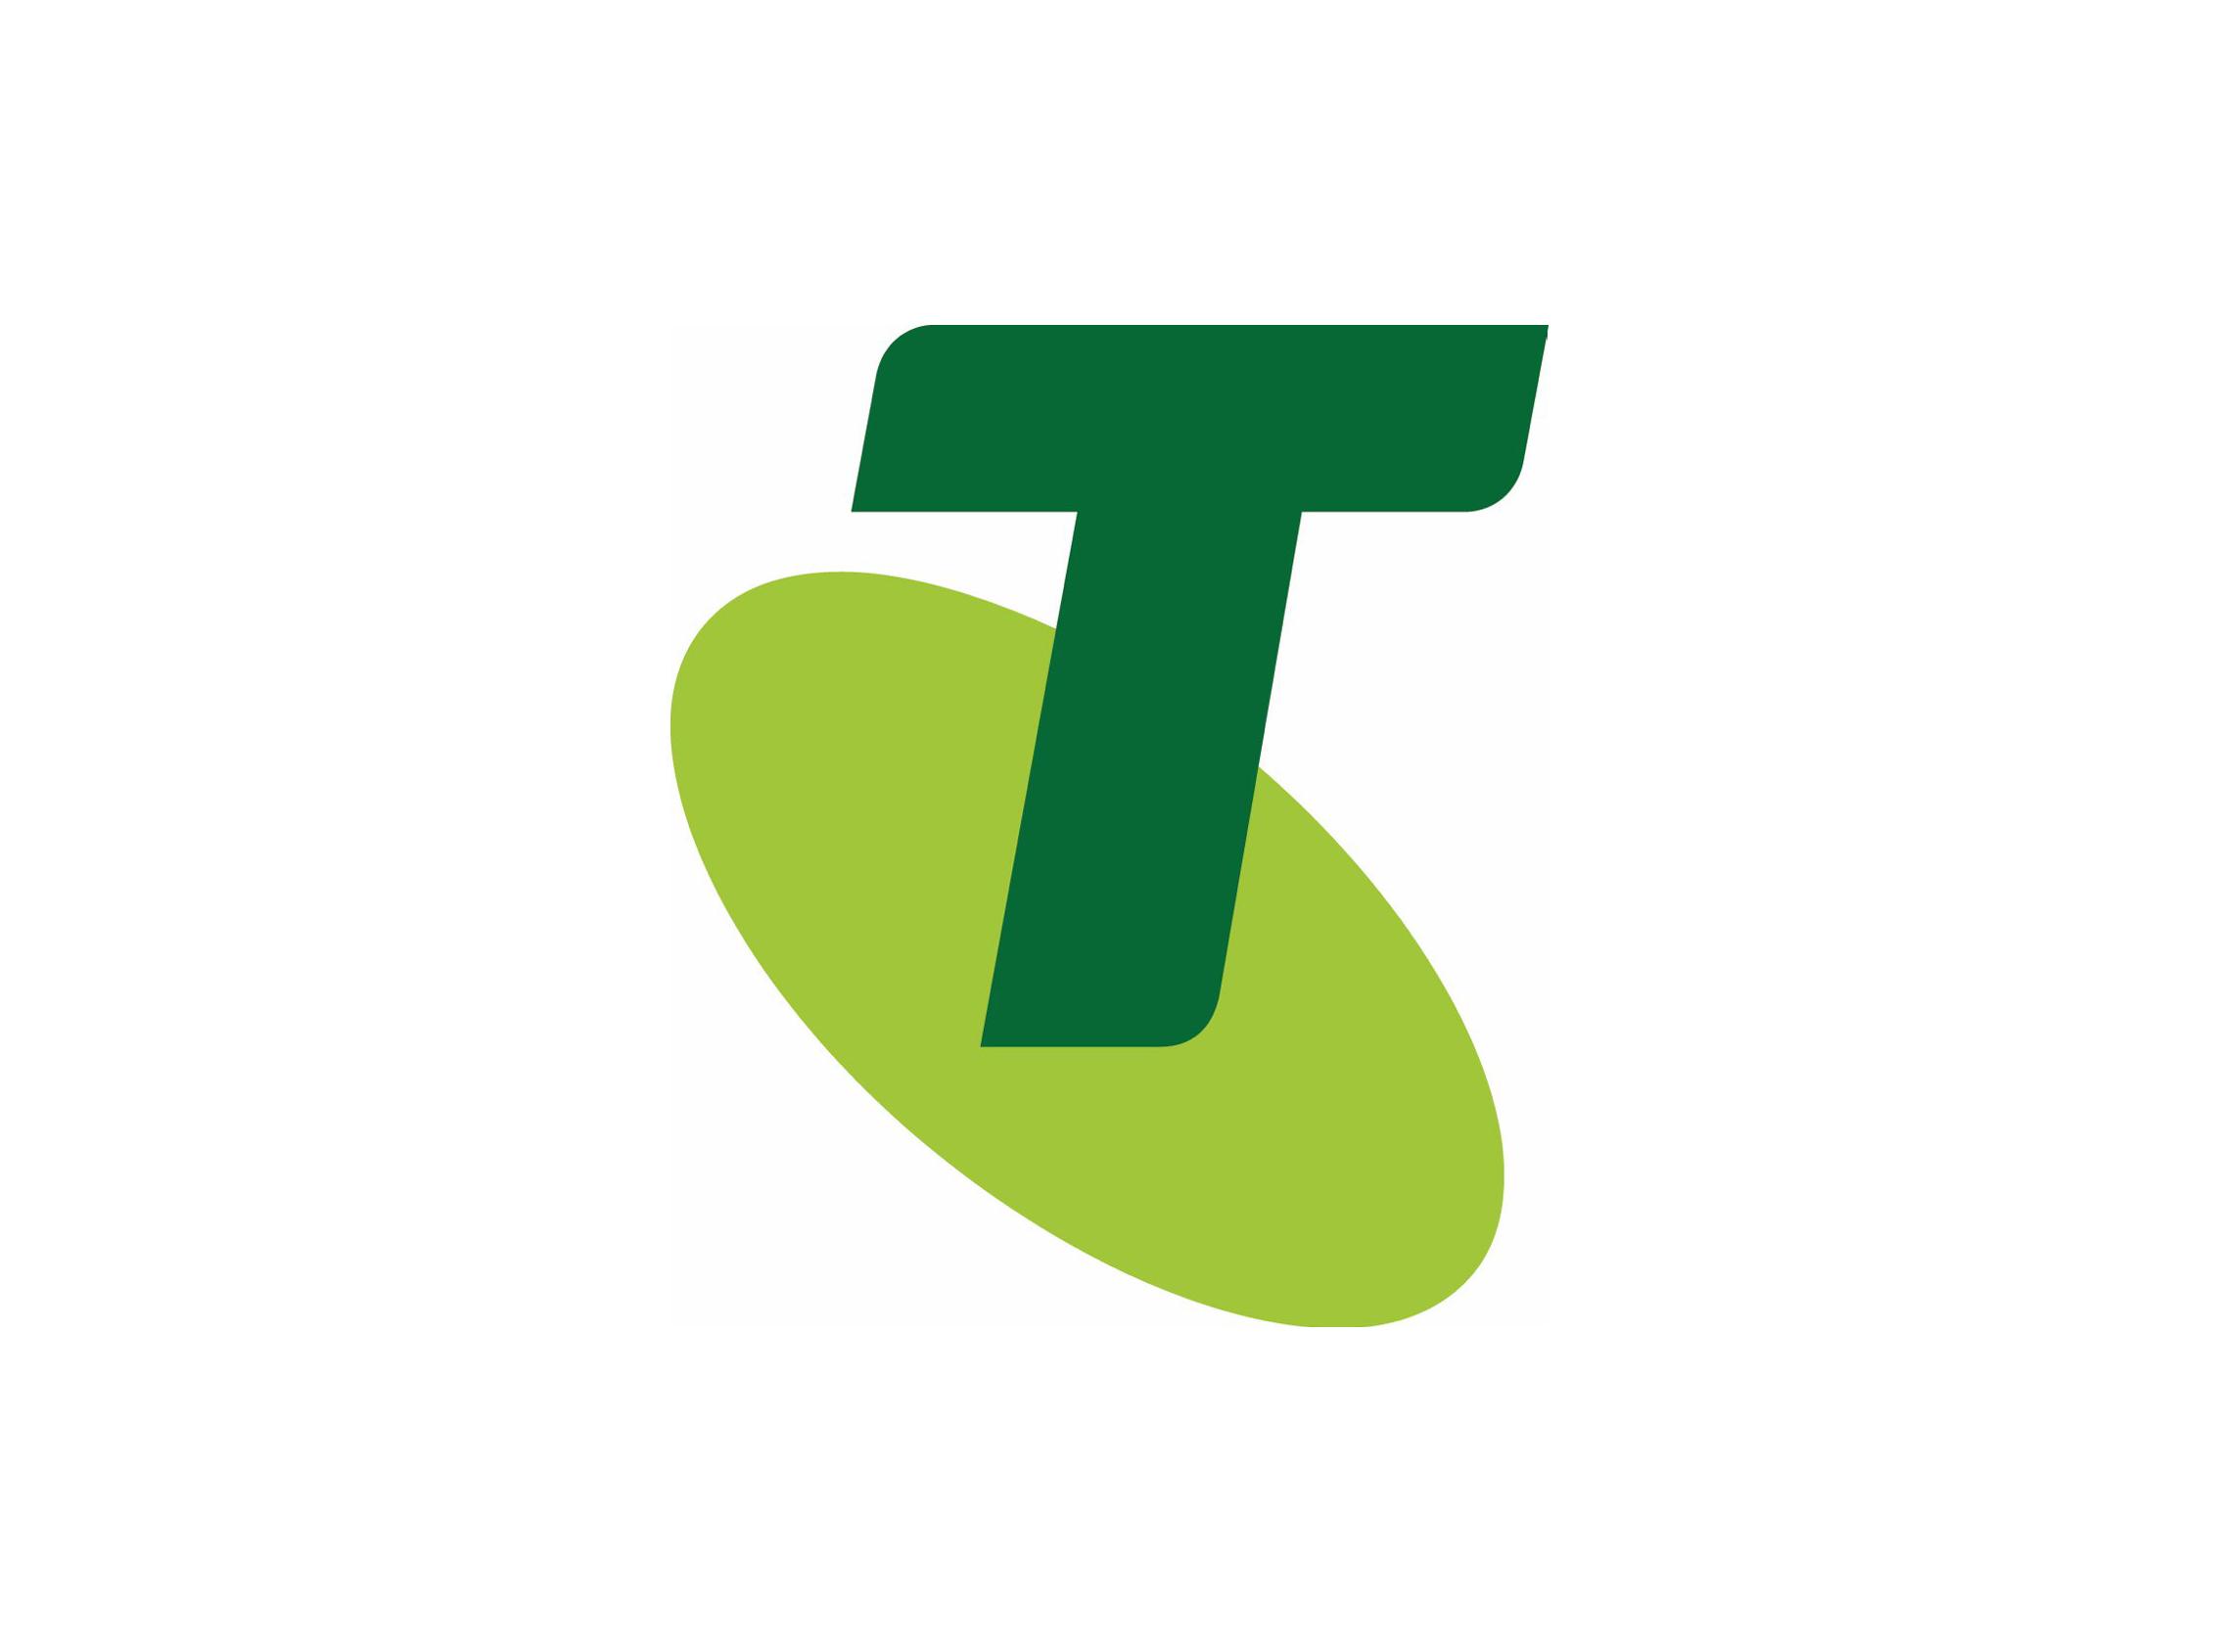 Telstra logo.